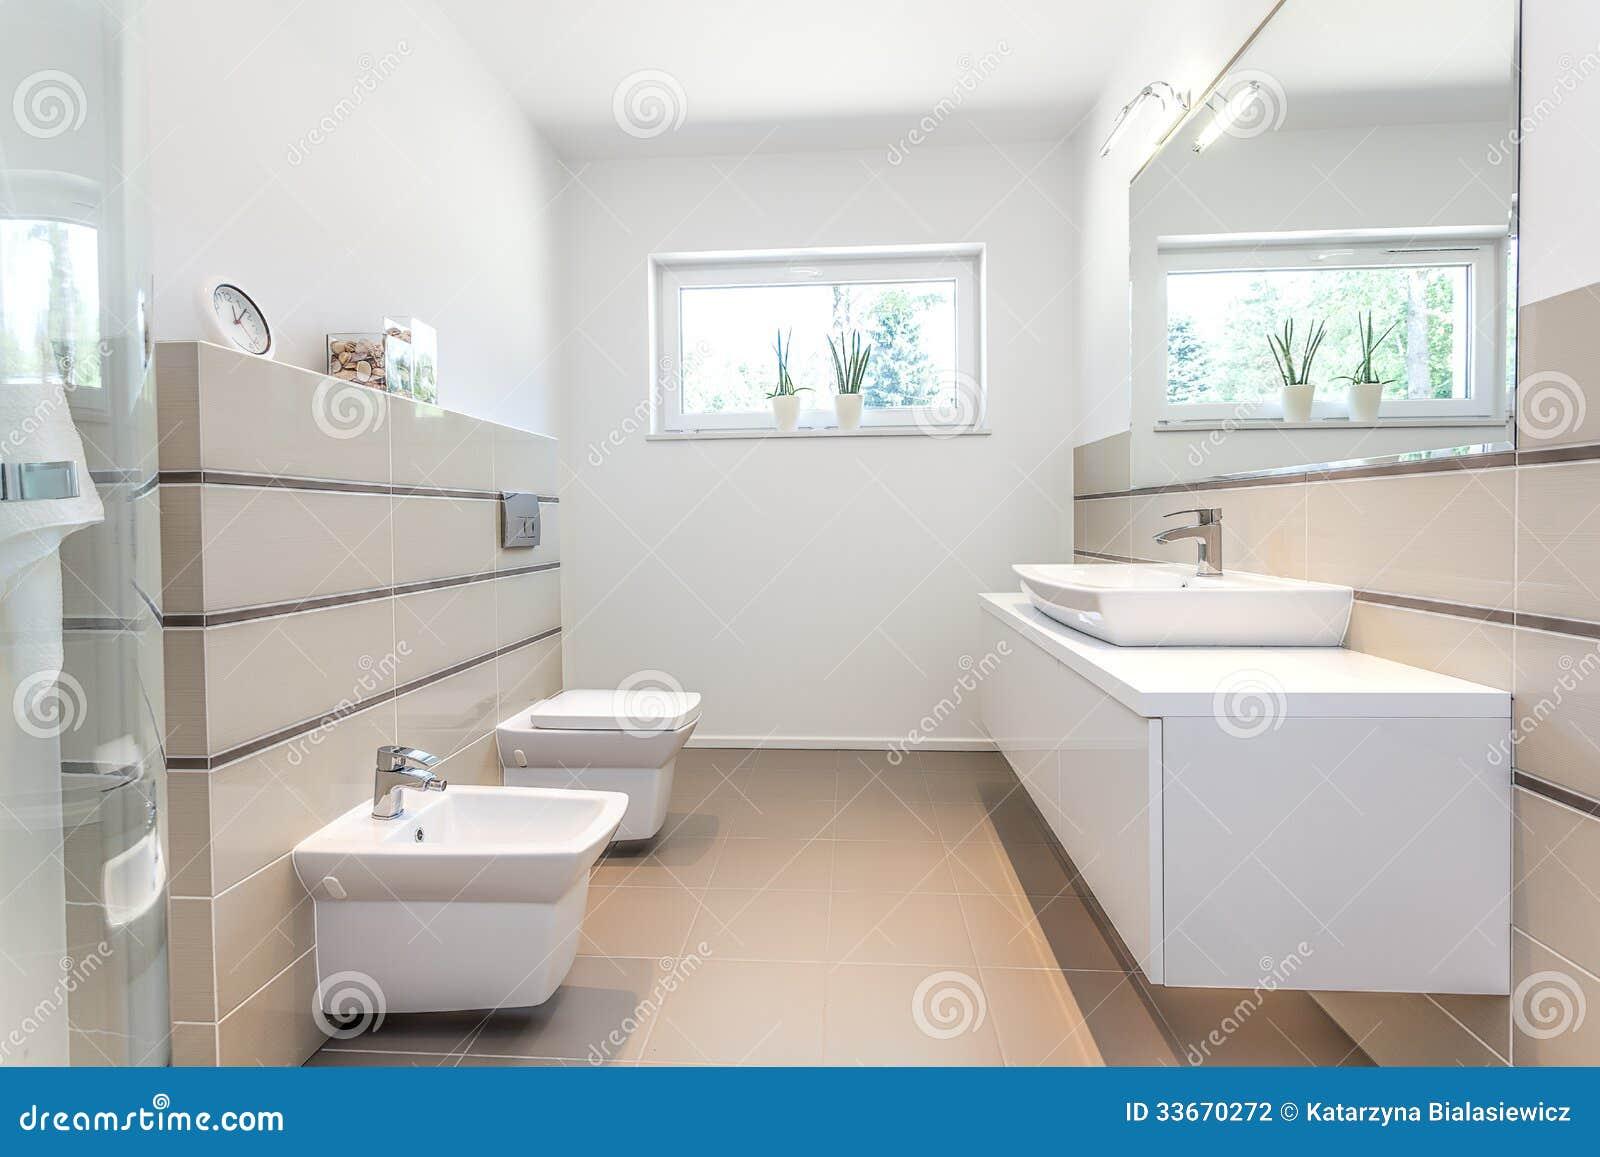 Ljust utrymme   vitt badrum arkivbild   bild: 33670272